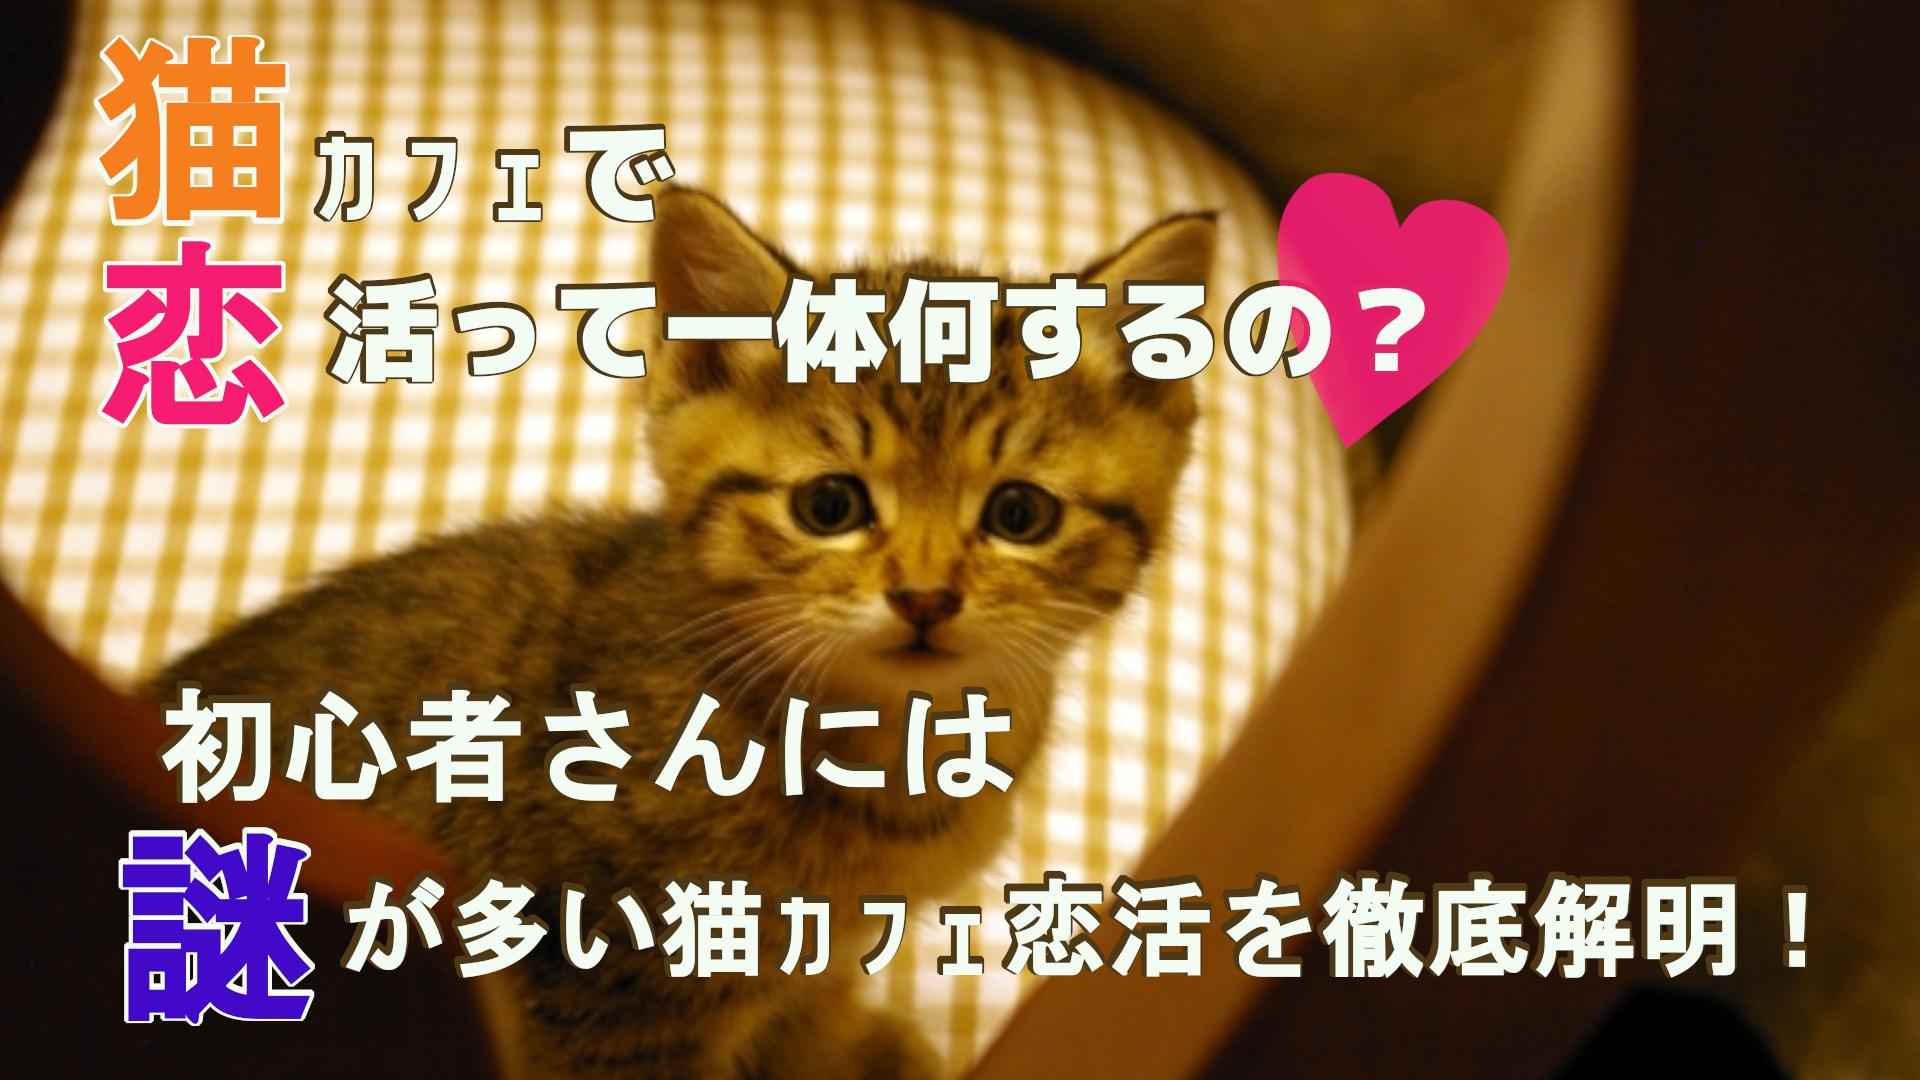 猫カフェで婚活って一体何するの?初心者さんには謎が多い猫カフェ婚活を徹底解明!のサムネイル